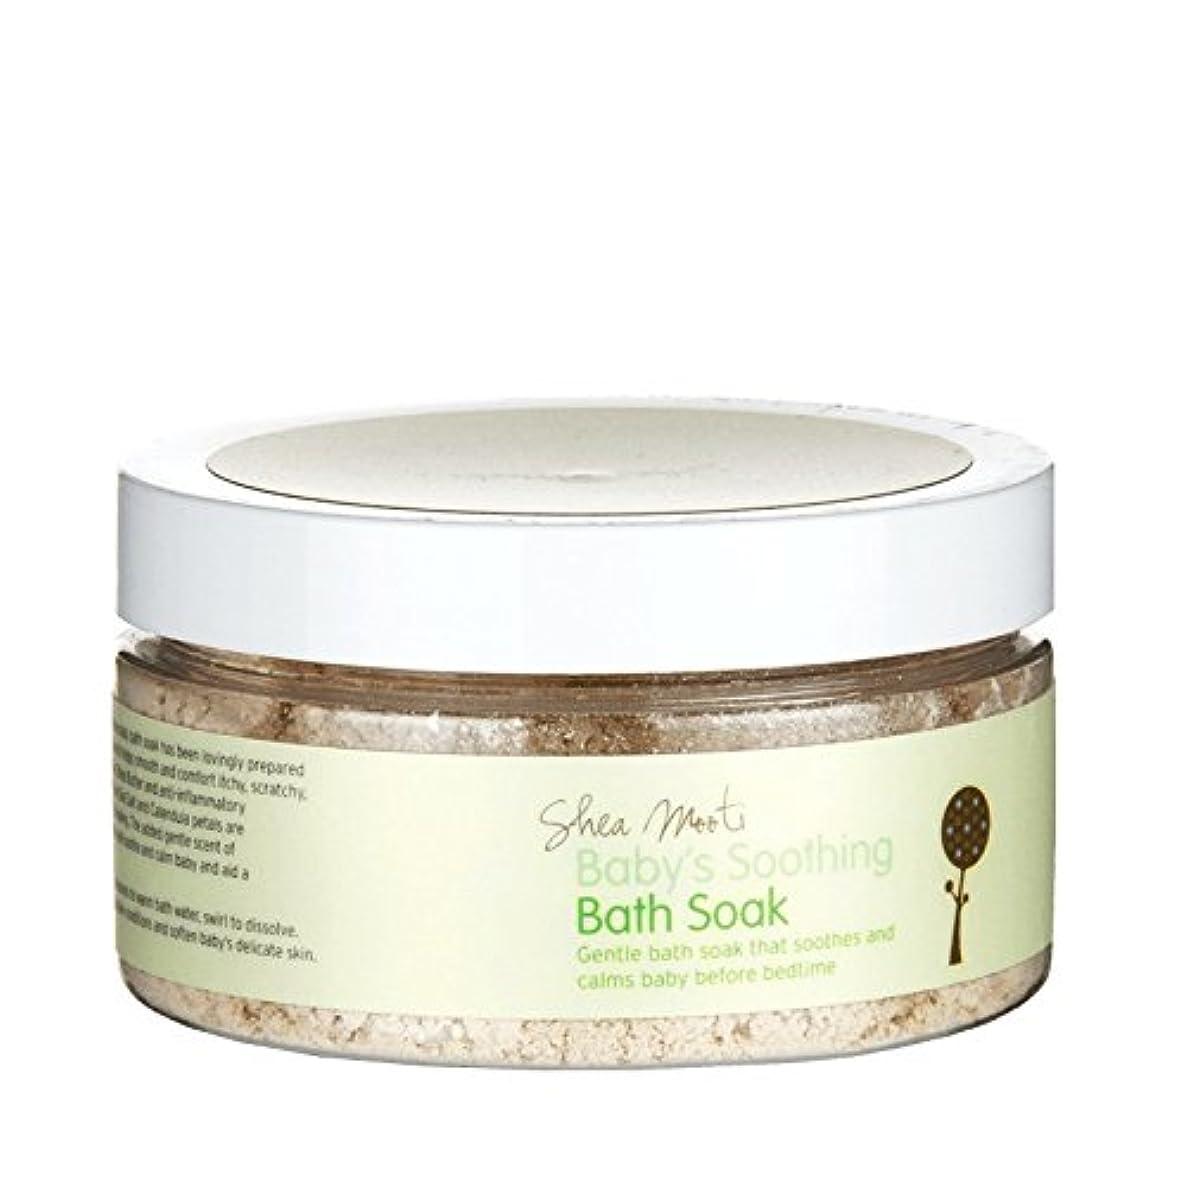 悲劇的な機動手書きシアバターMooti赤ちゃんの癒しのお風呂は、130グラムを浸し - Shea Mooti Baby's Soothing Bath Soak 130g (Shea Mooti) [並行輸入品]